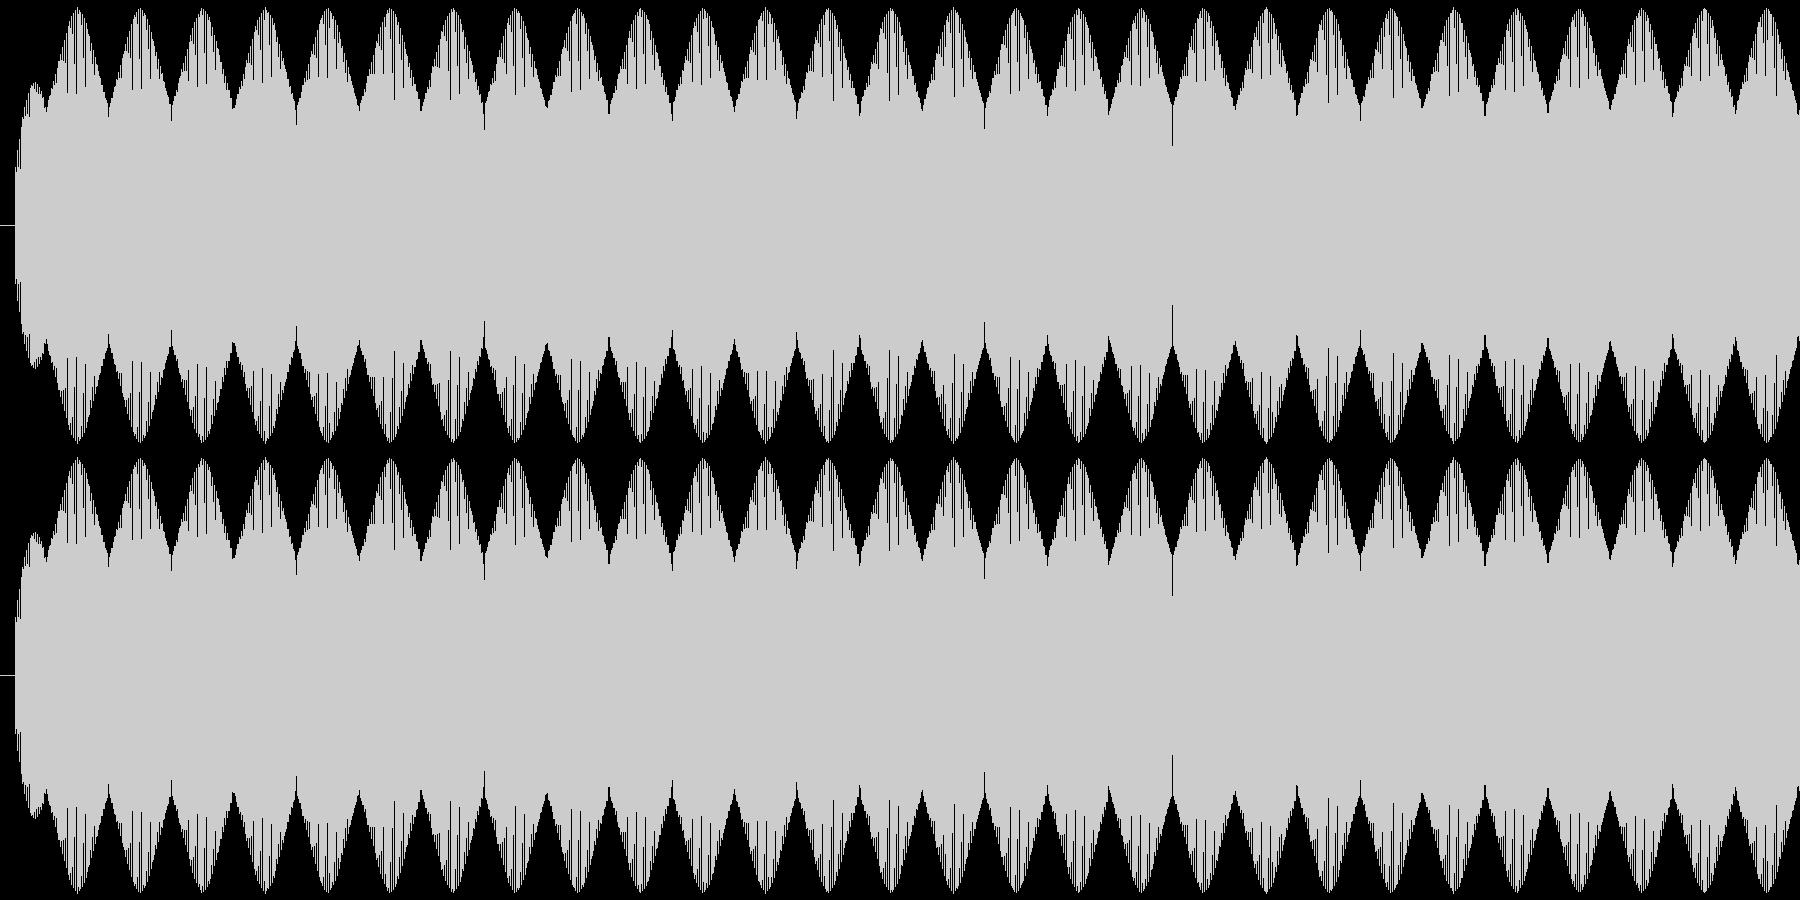 ゲージ増減 得点などの集計 ティロロロ…の未再生の波形